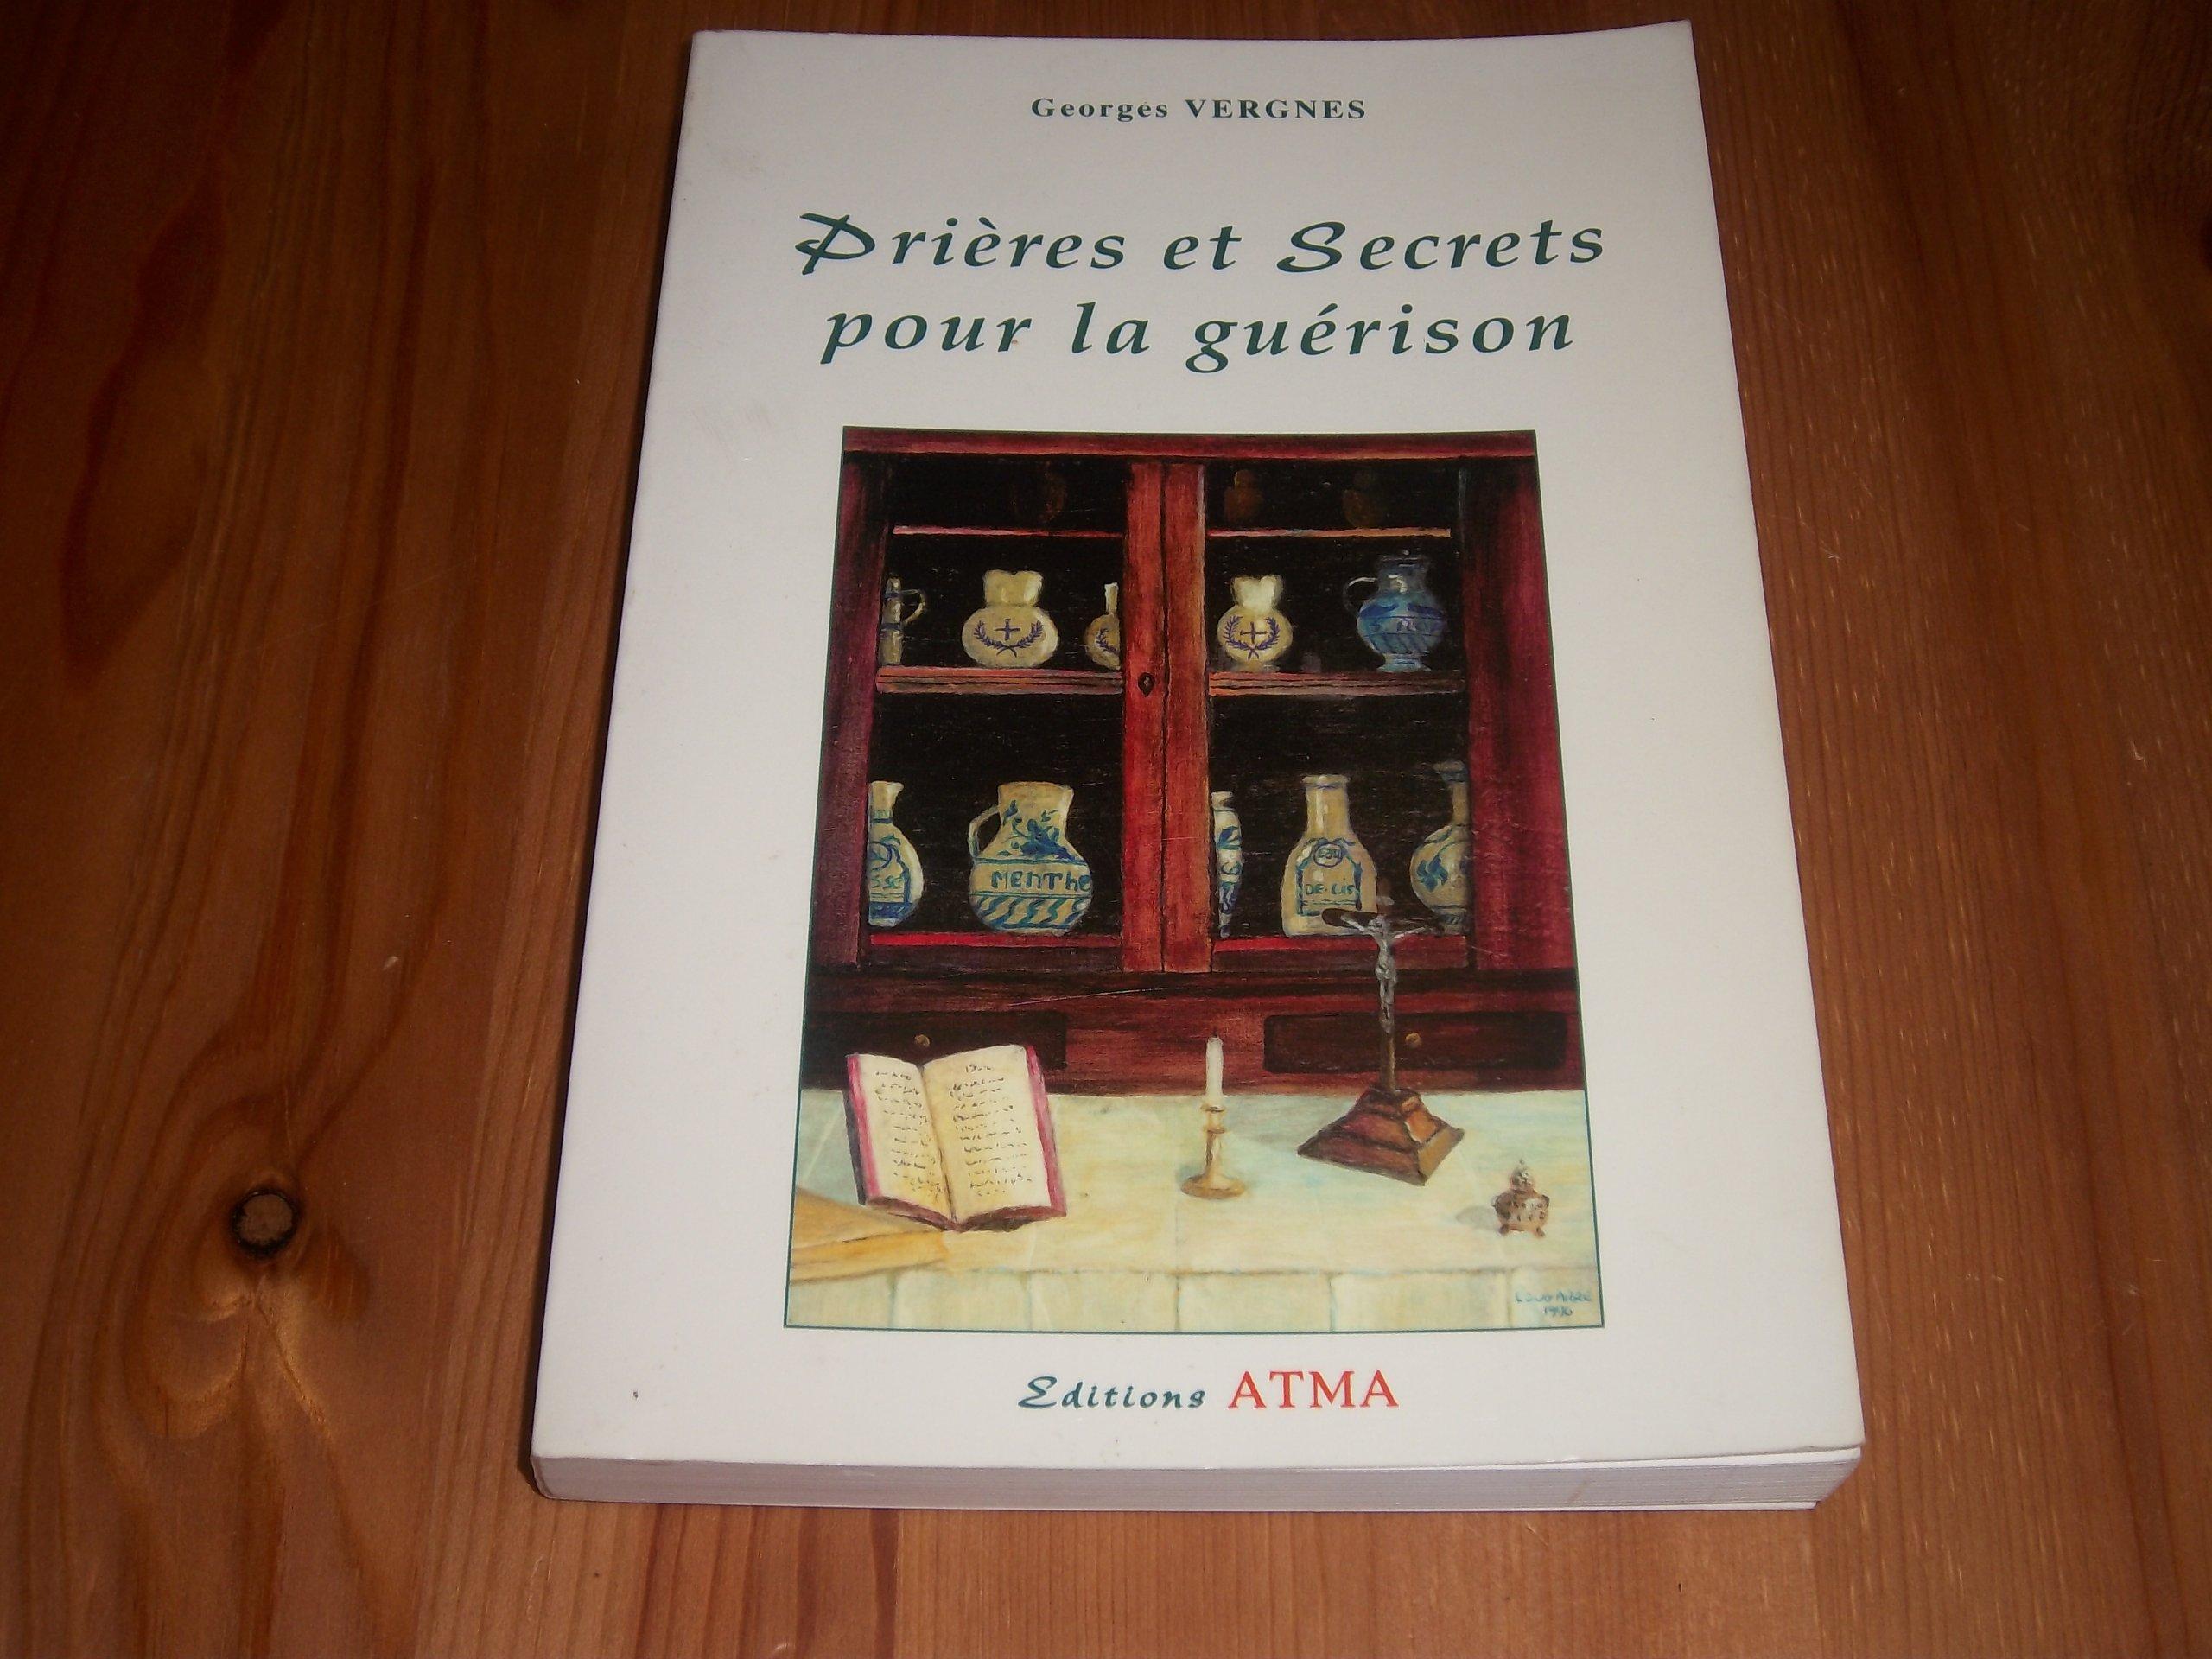 Amazon.fr - Prières et secrets pour la guérison - Georges Vergnes - Livres